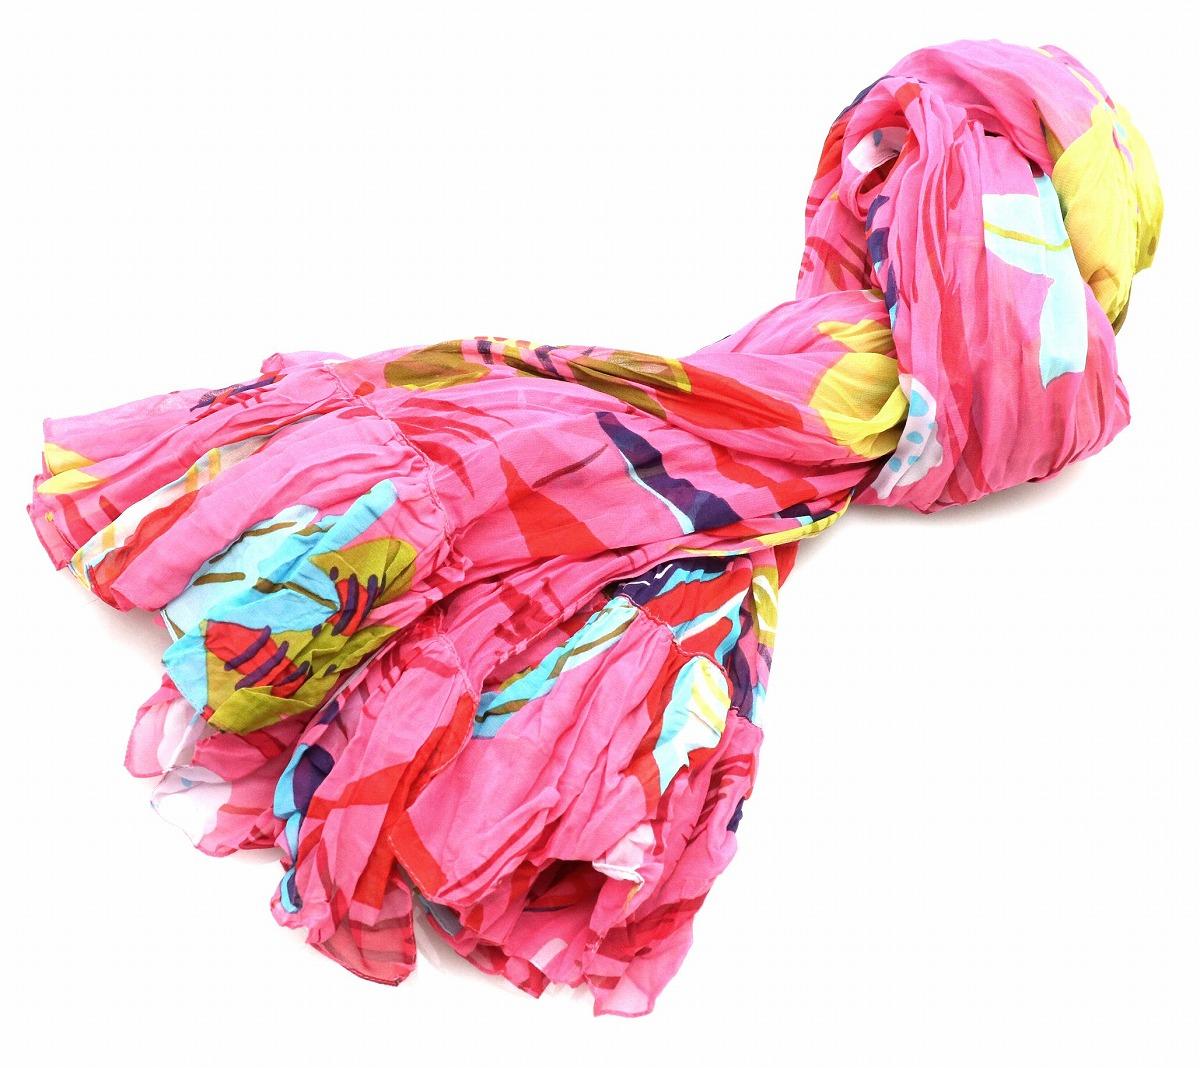 【アパレル】GUCCI グッチ スカーフ 大判スカーフ 絹 シルク100% ピンク マルチカラー 【中古】【k】